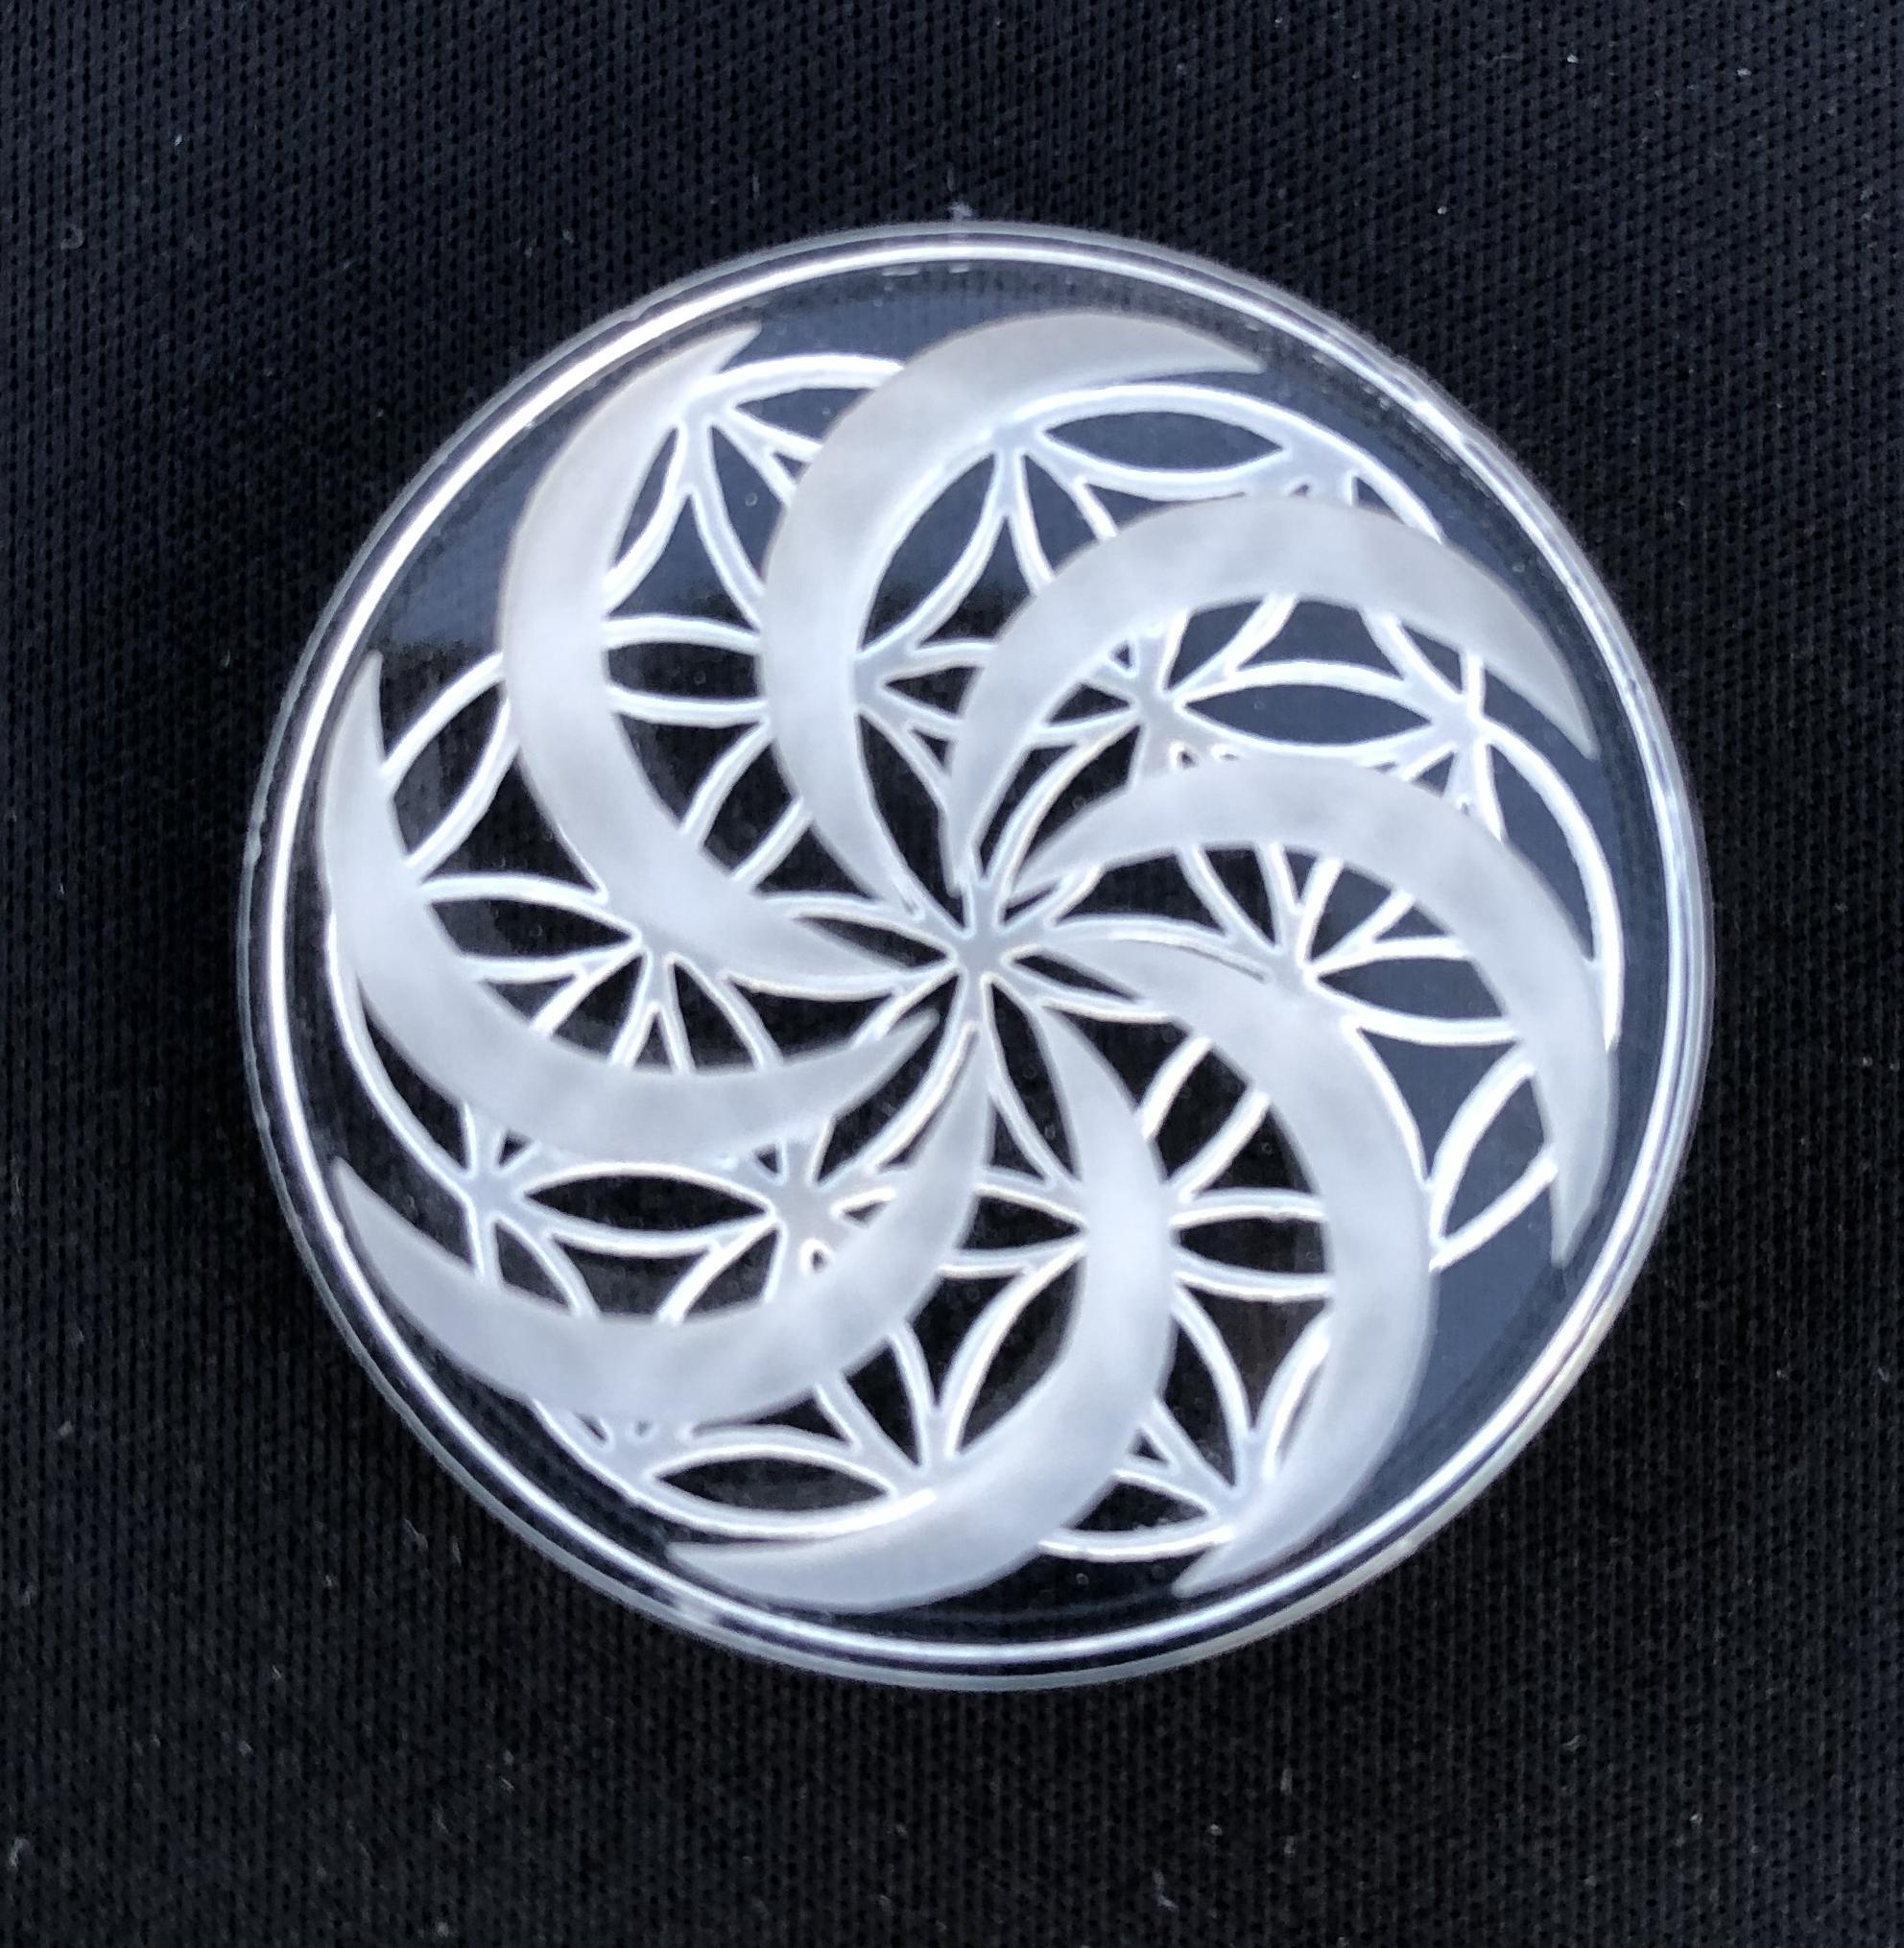 석영 채널 평면 상단 석영 폭행 손톱에 대한 OD OD 30mm의 40mm에서 50mm 석영 수화물 캡 꽃 패턴 디자인 캡